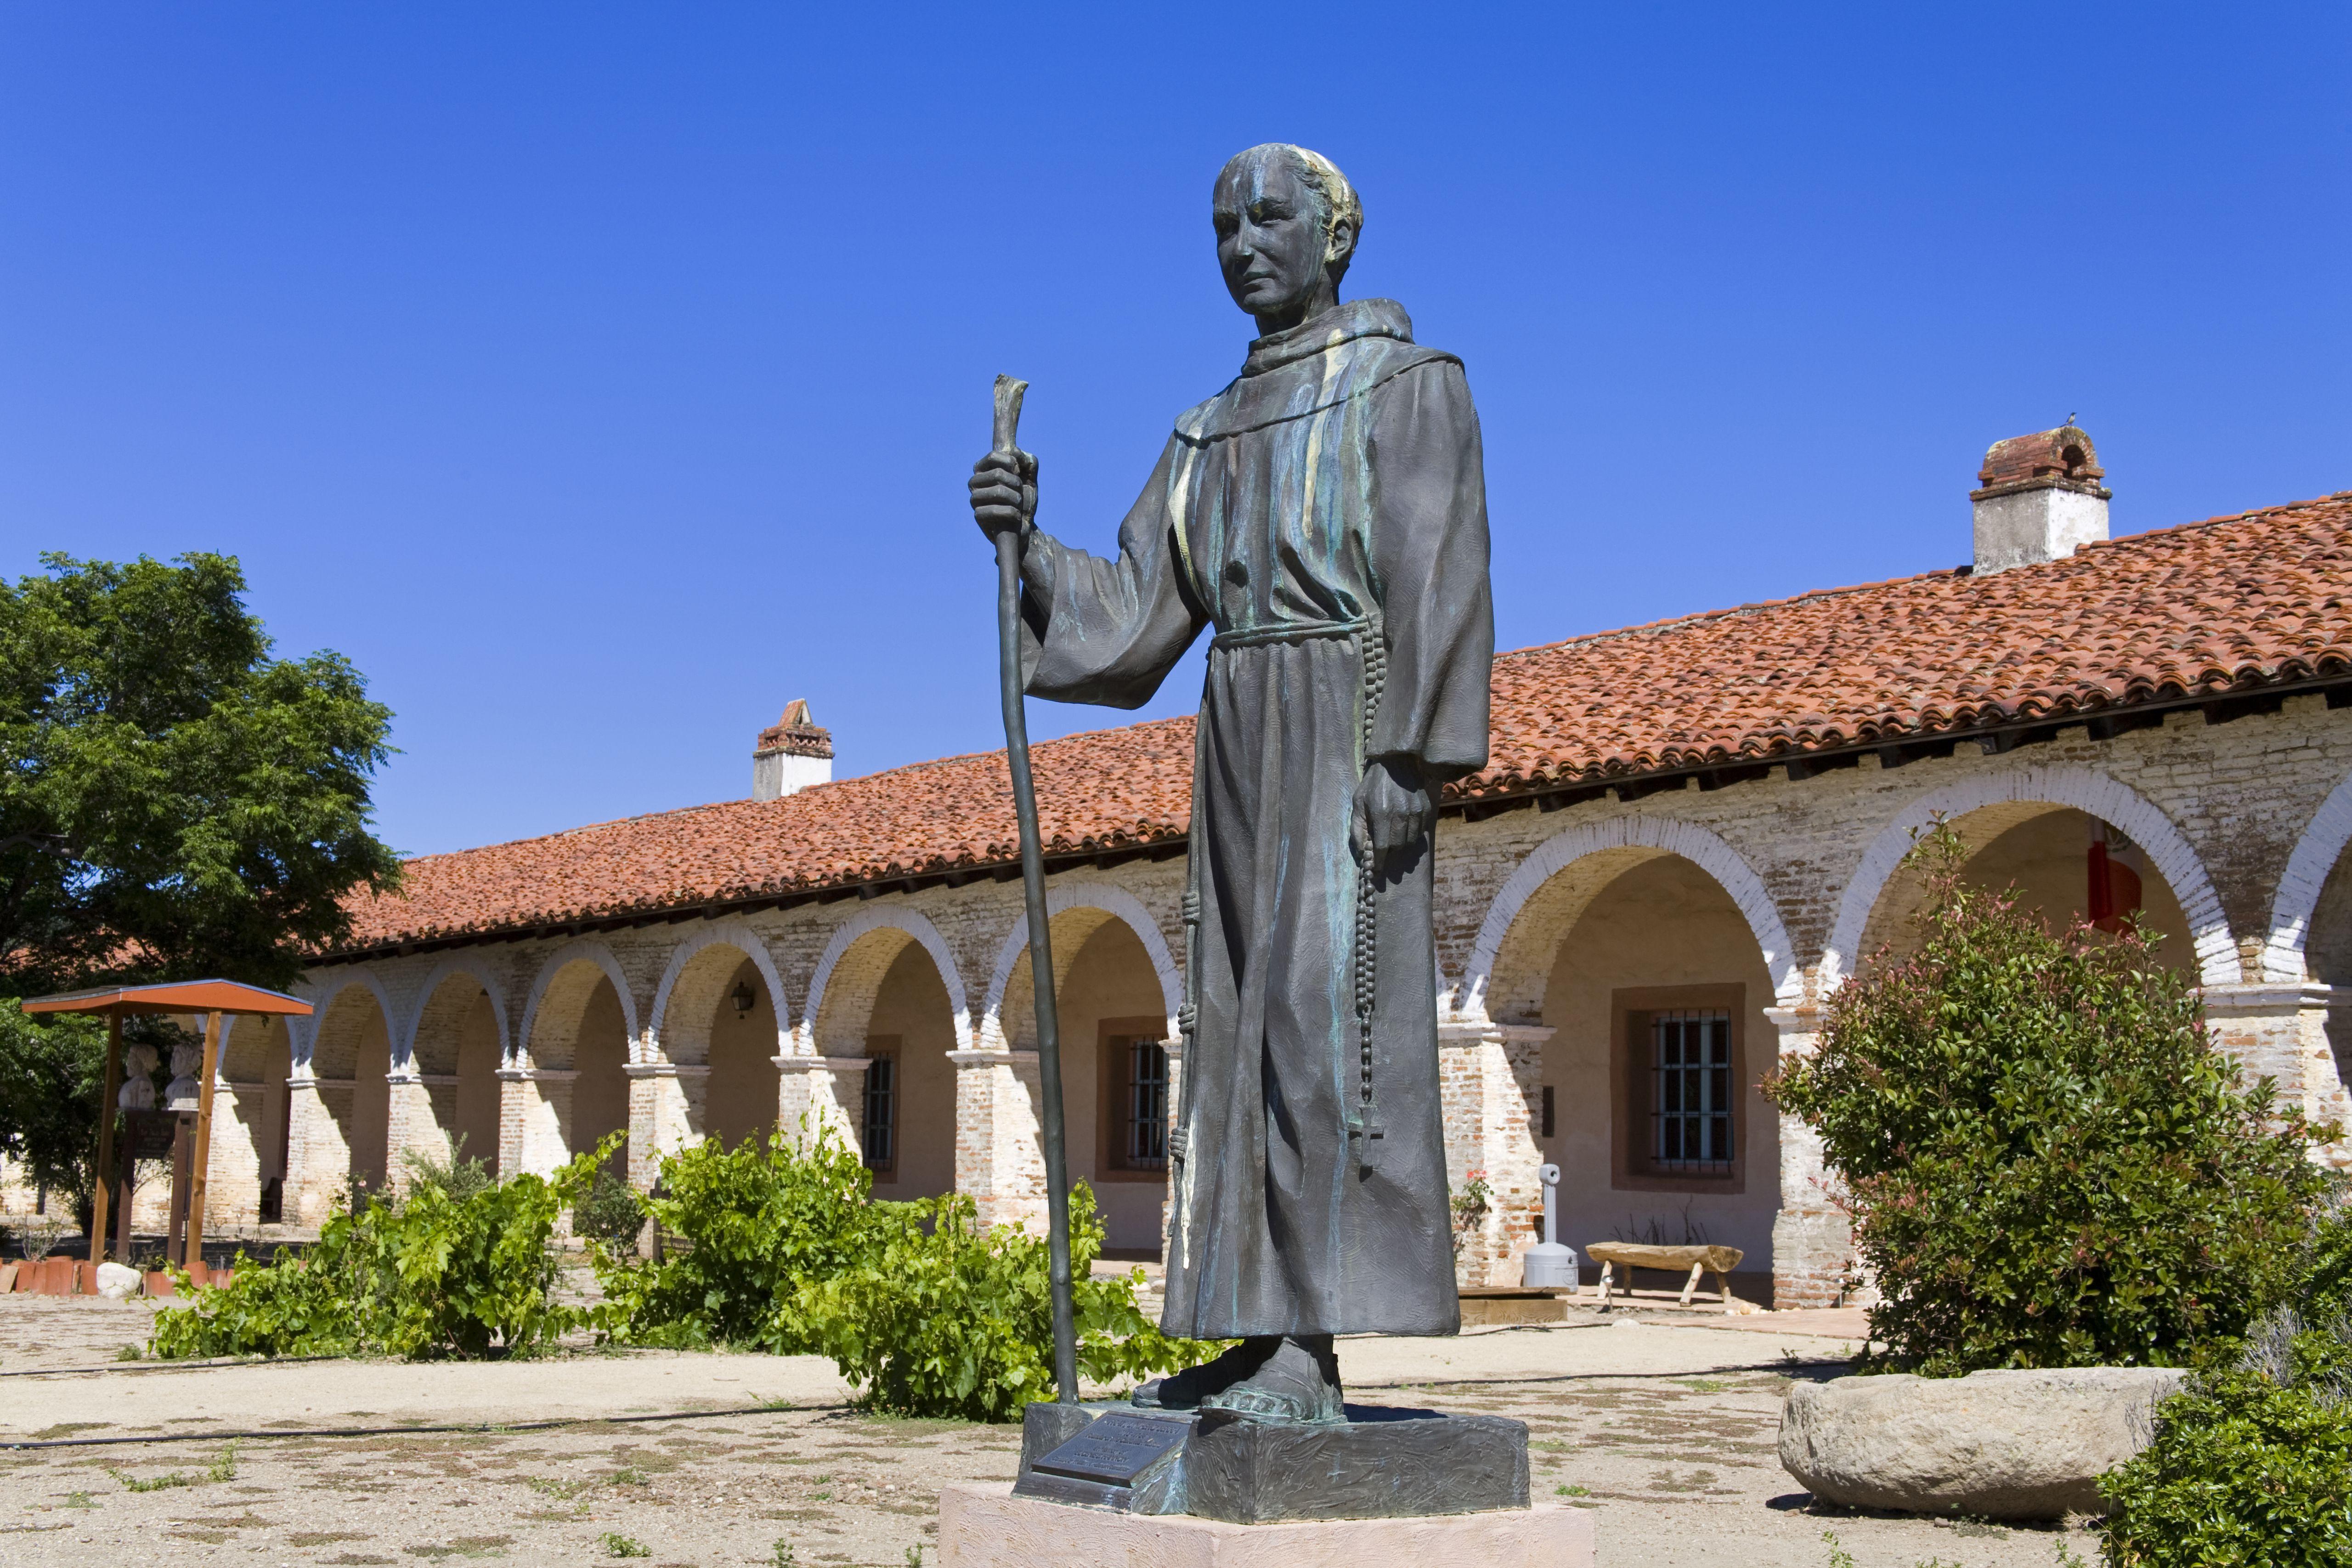 Statue of Father Junipero Serra outside Mission San Antonio